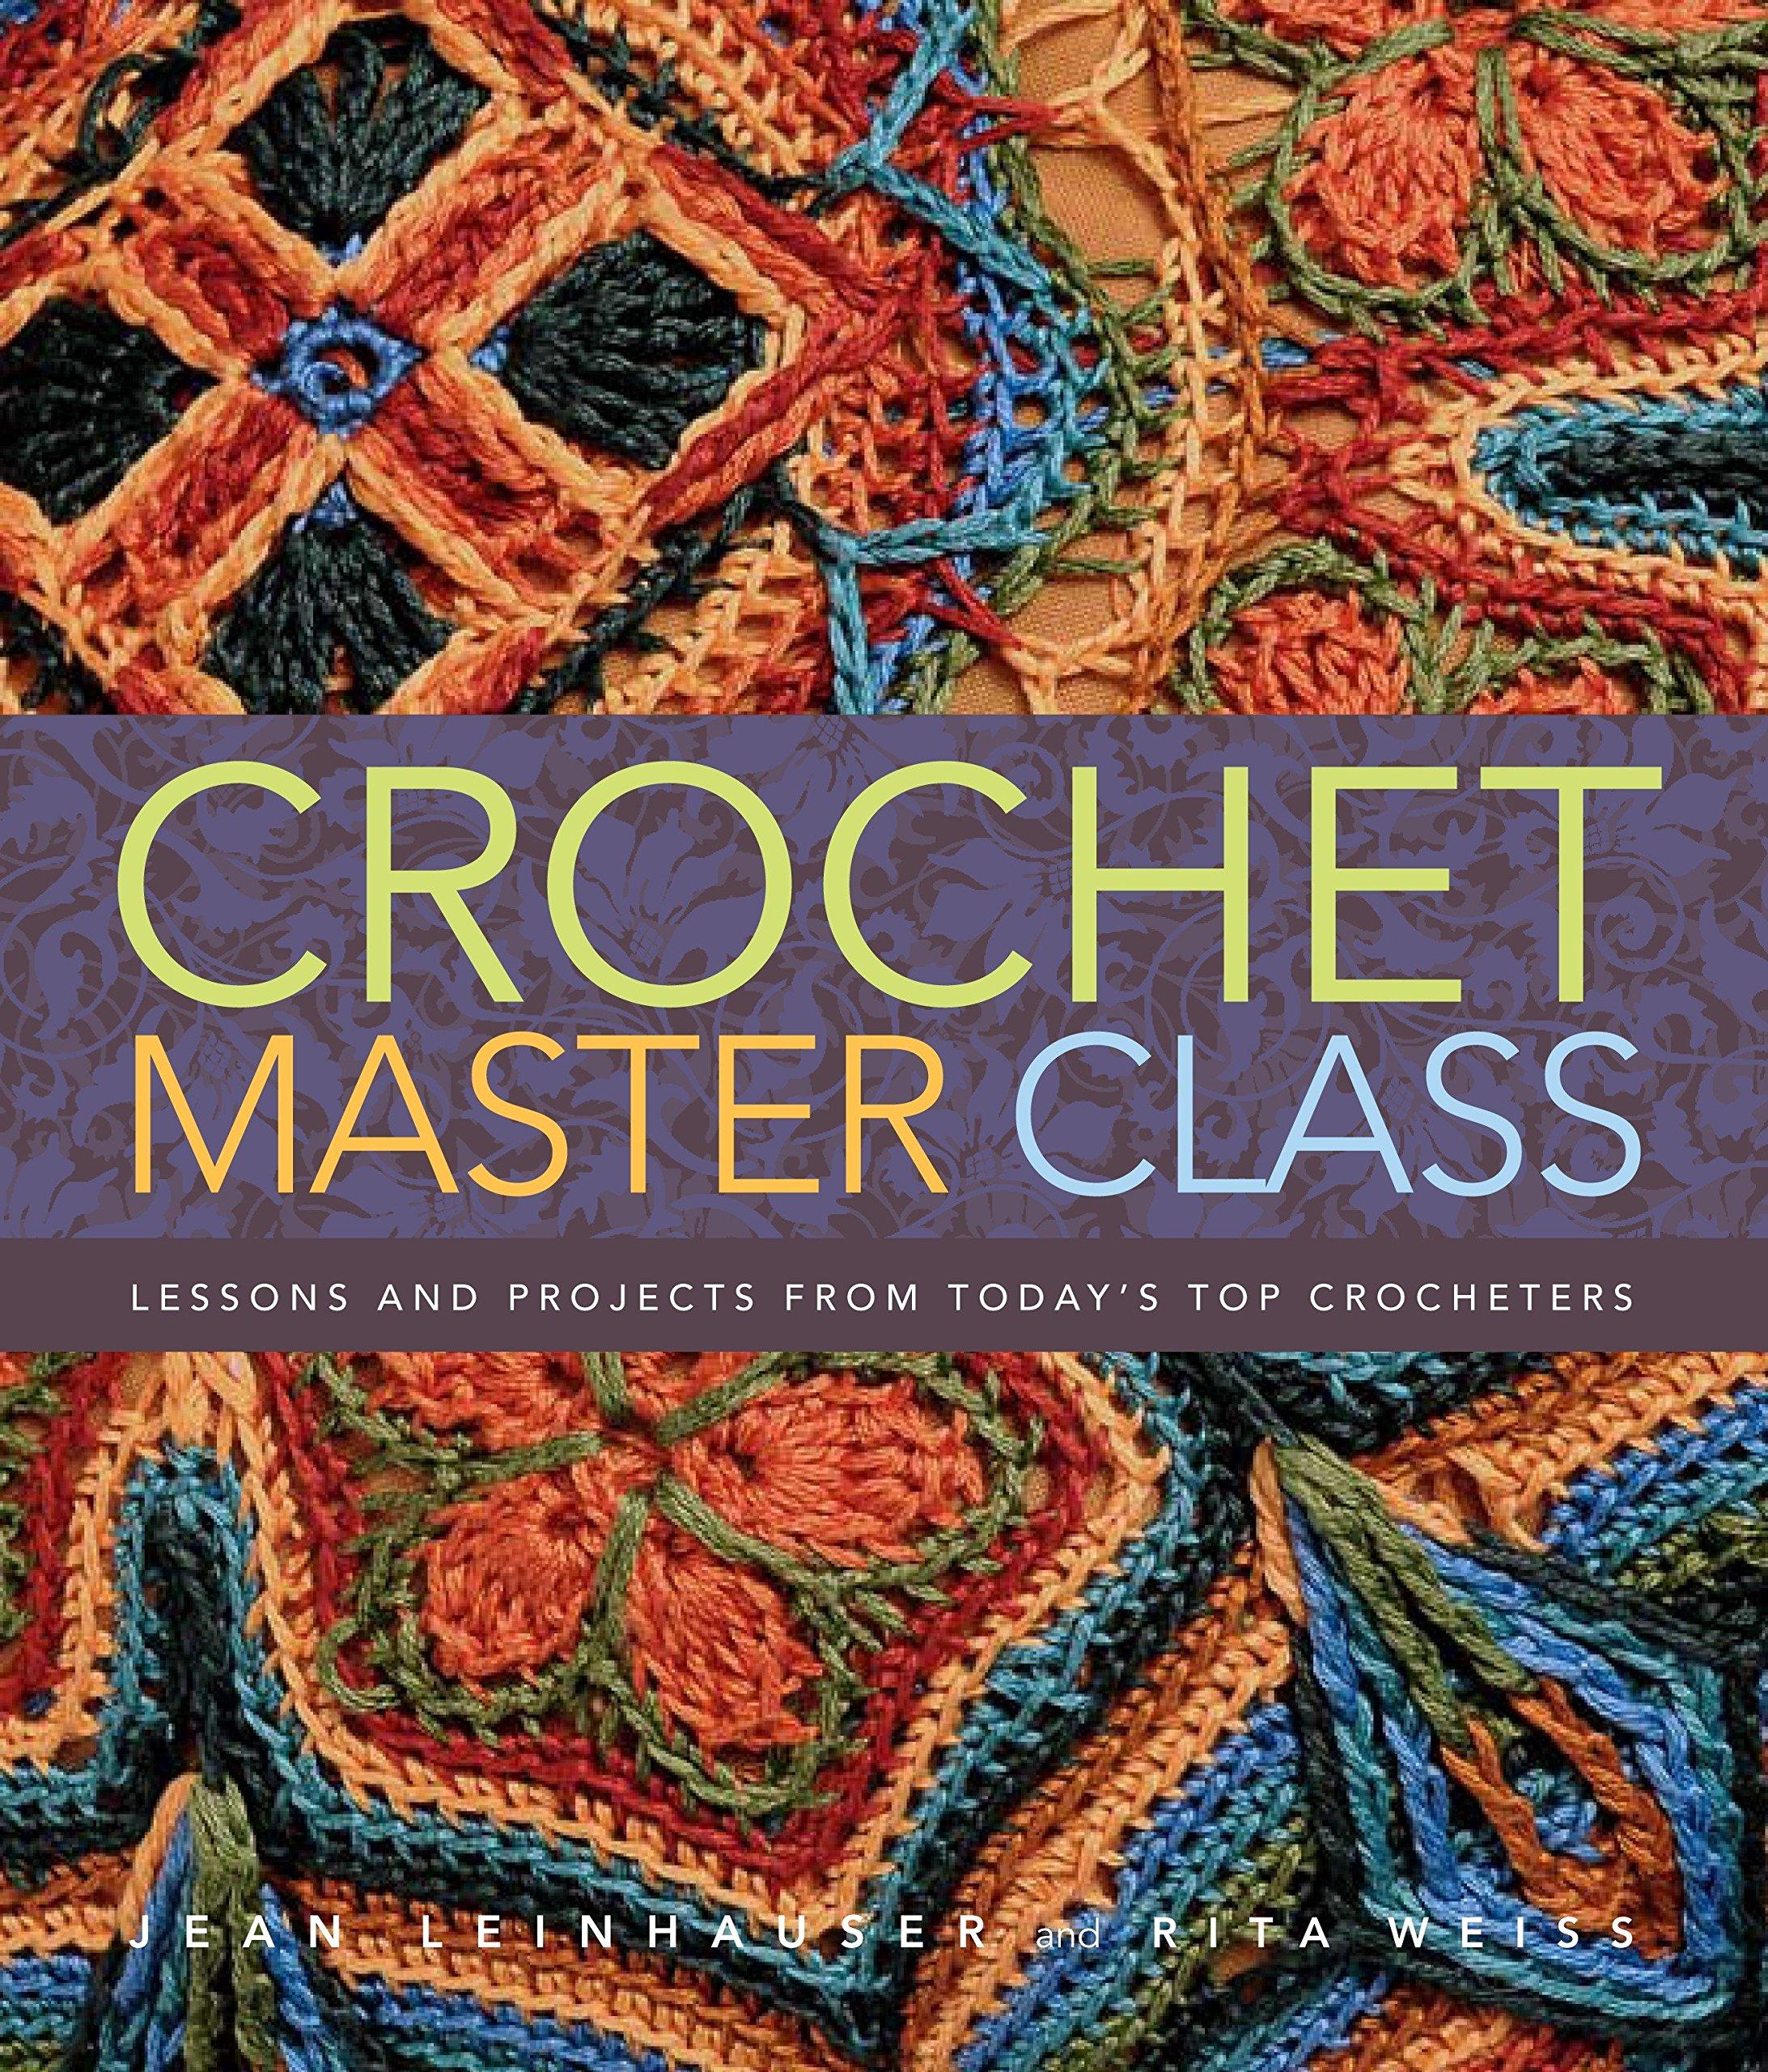 92 Best Amigurumi books images in 2020 | Amigurumi, Crochet books ... | 2560x2185